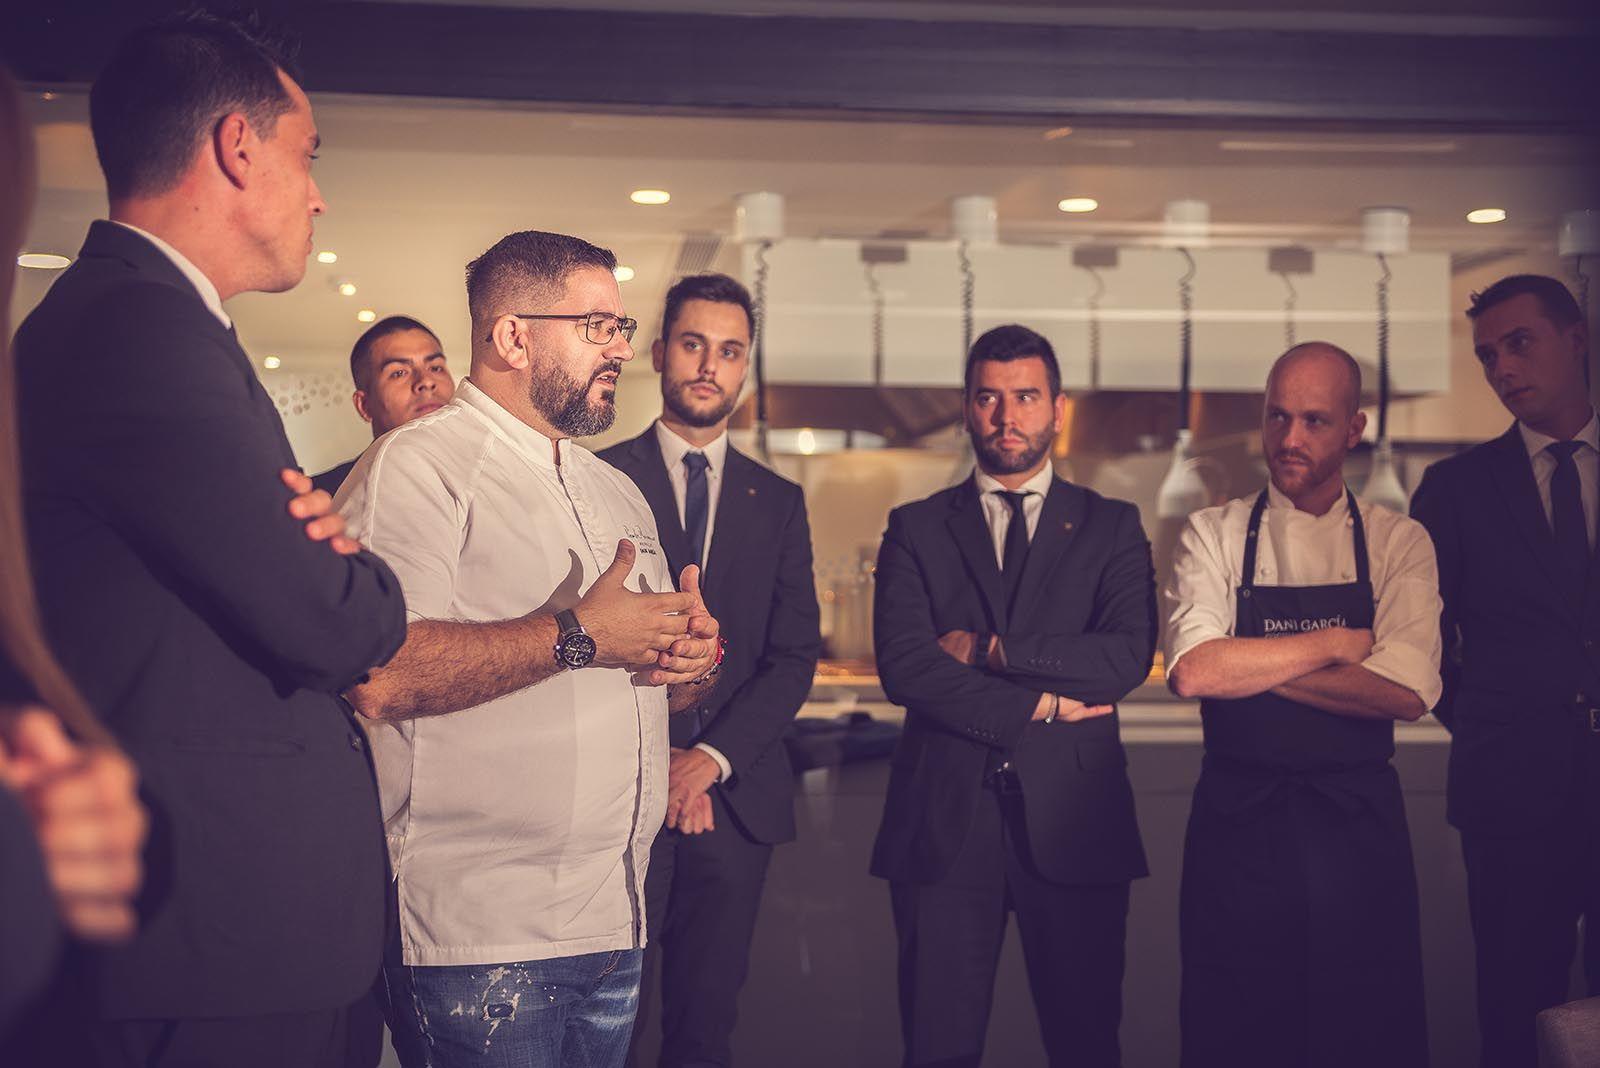 El cocinero Dani García, tres estrellas Michelin, con su equipo